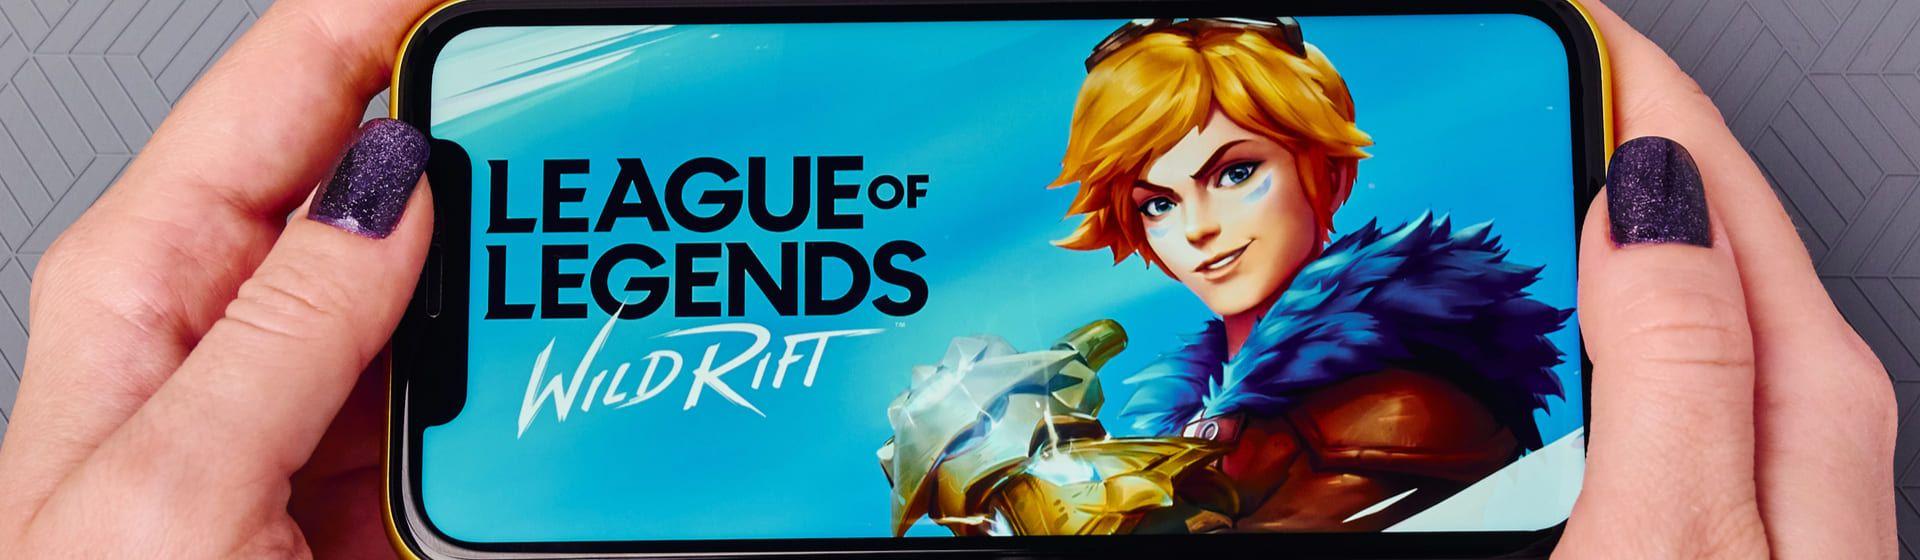 Wild Rift: como baixar e jogar a versão mobile de League of Legends